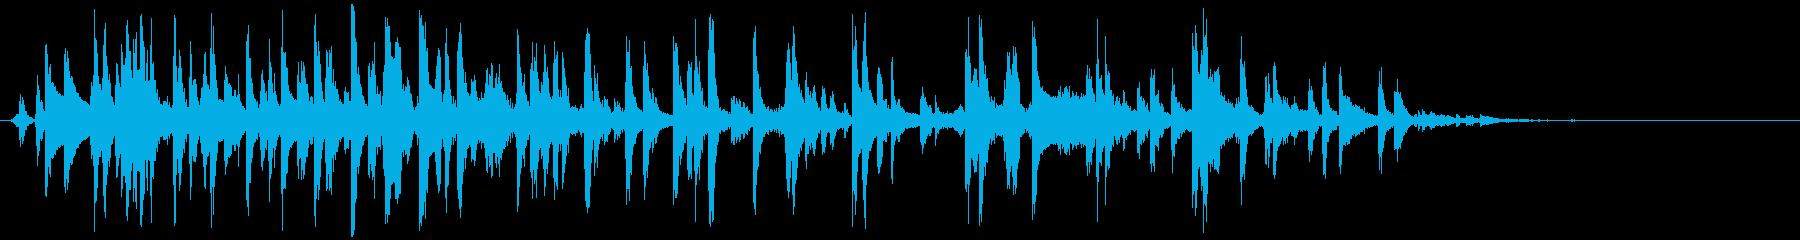 赤ちゃんガラガラ(振る やや長め)の再生済みの波形